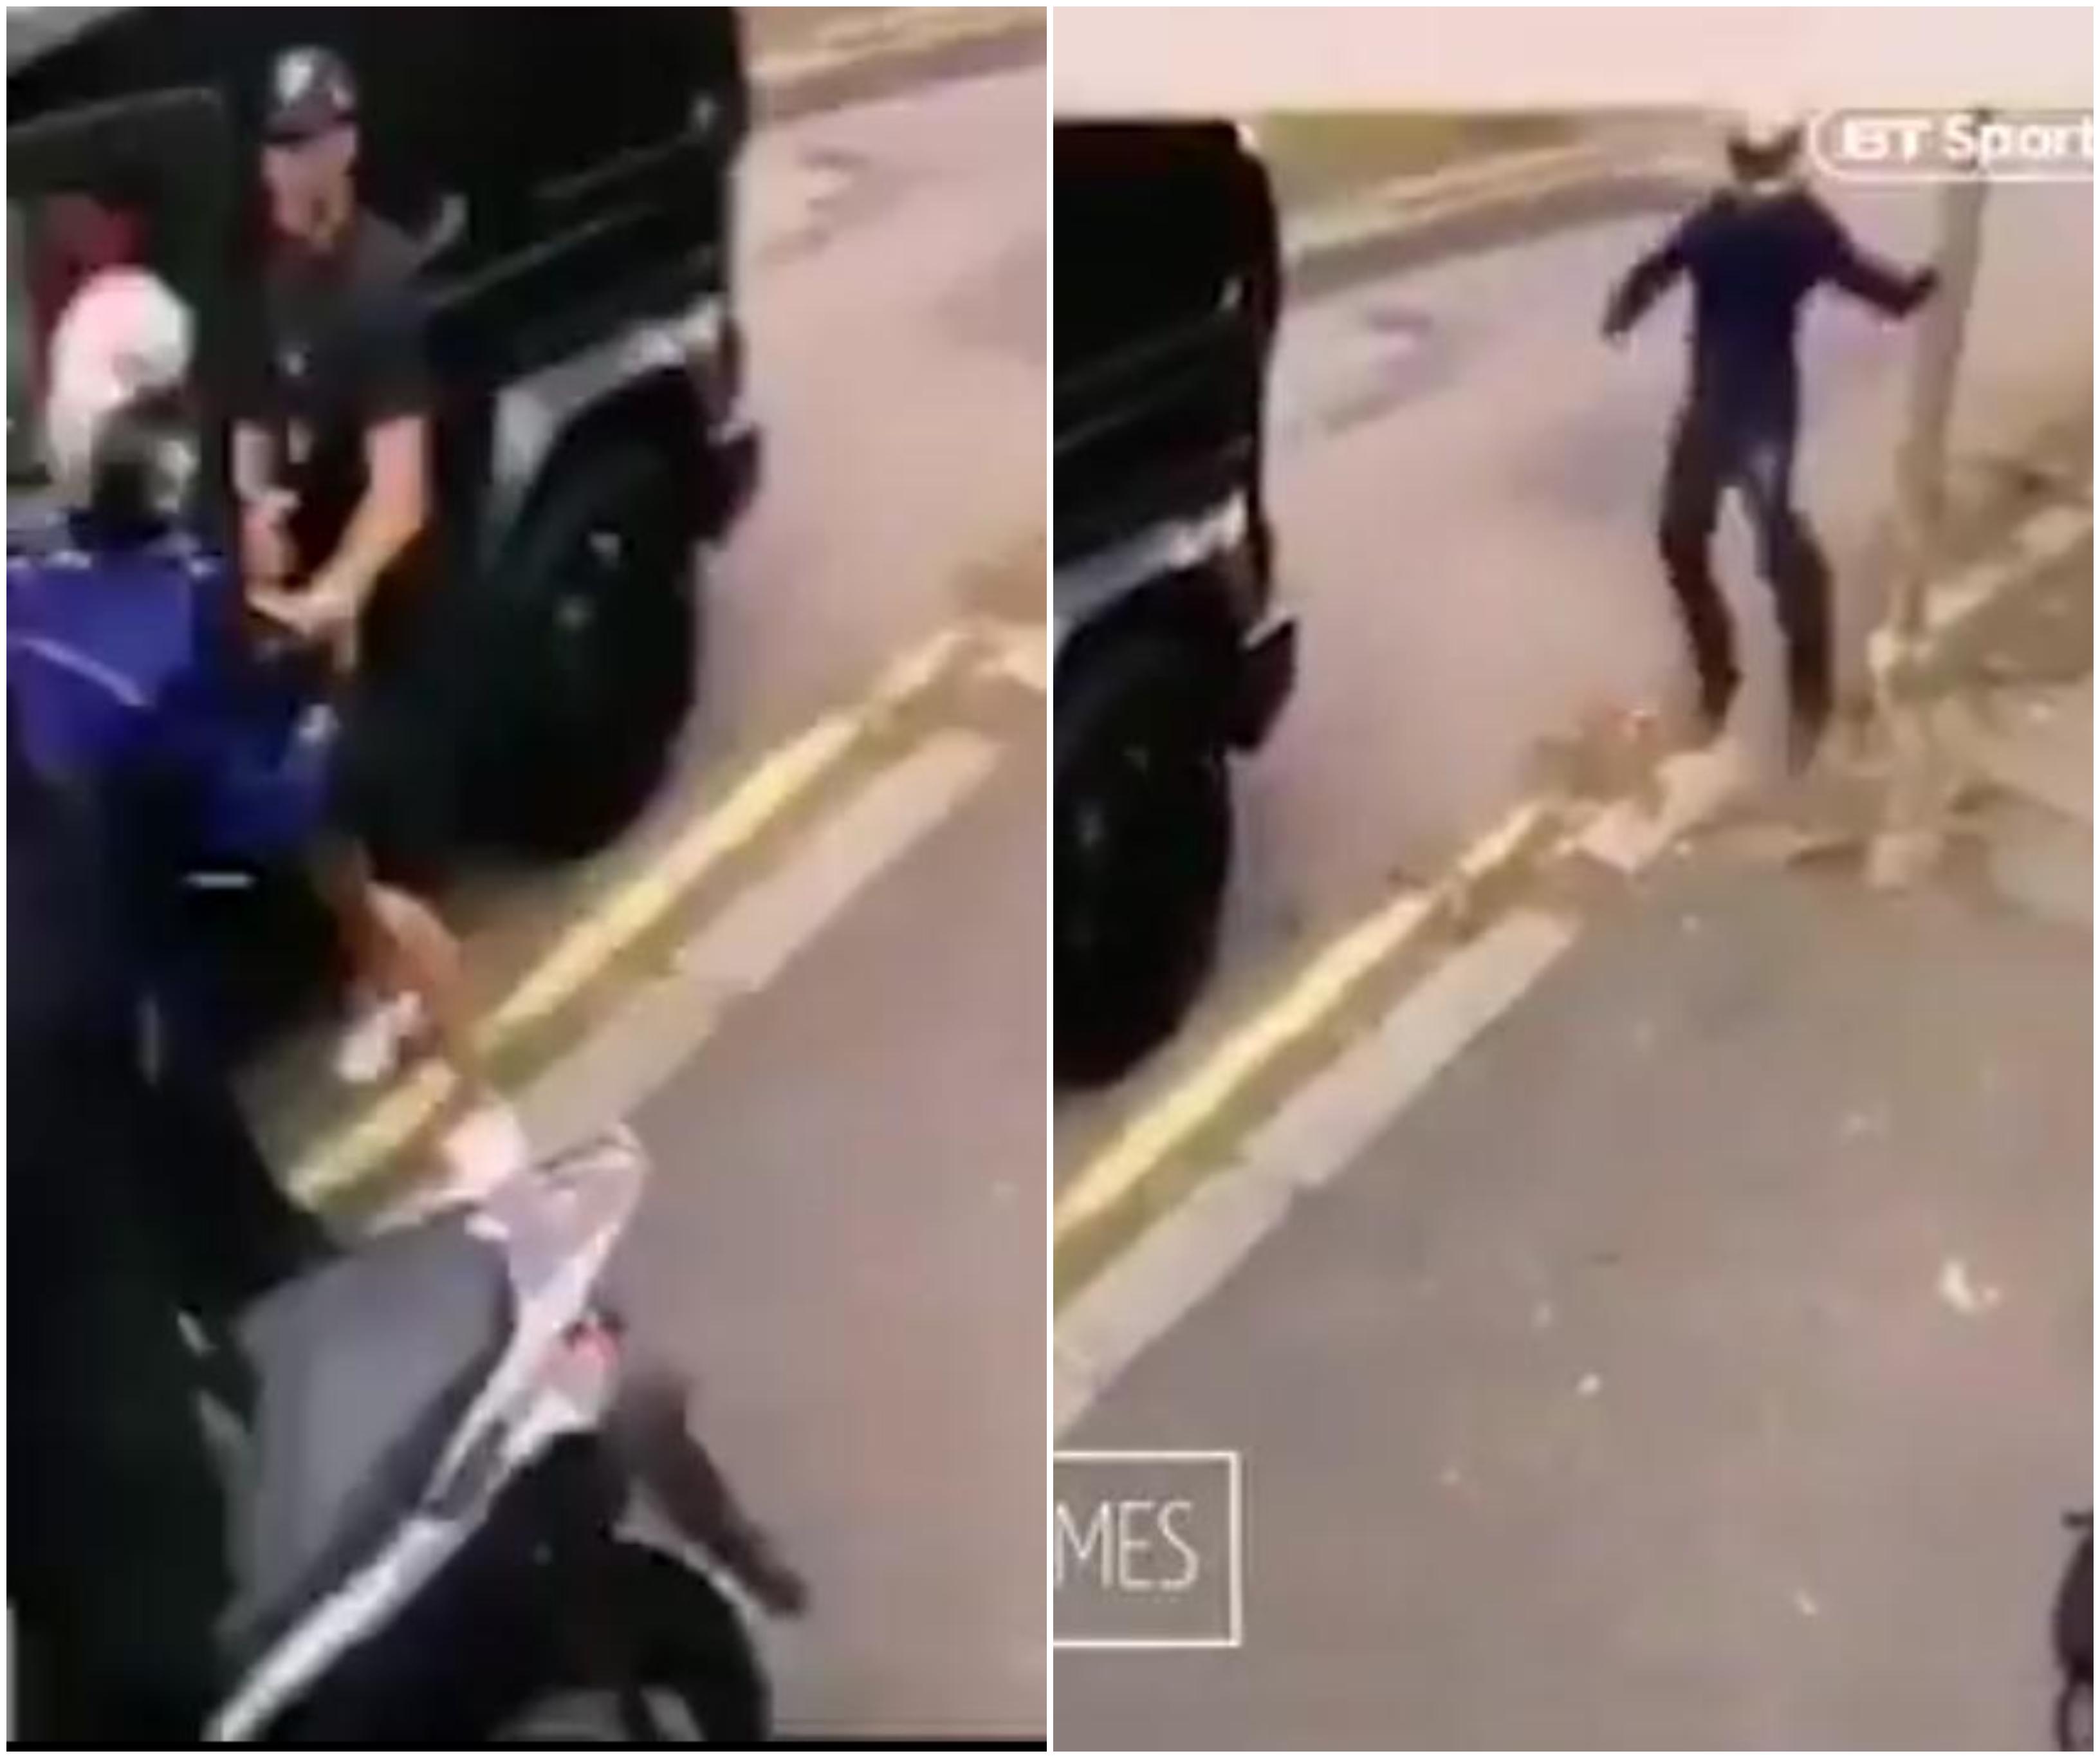 بالفيديو/ هجوم بالسكين يستهدف لاعب ارسنال مسعود أوزيل وزوجته في لندن